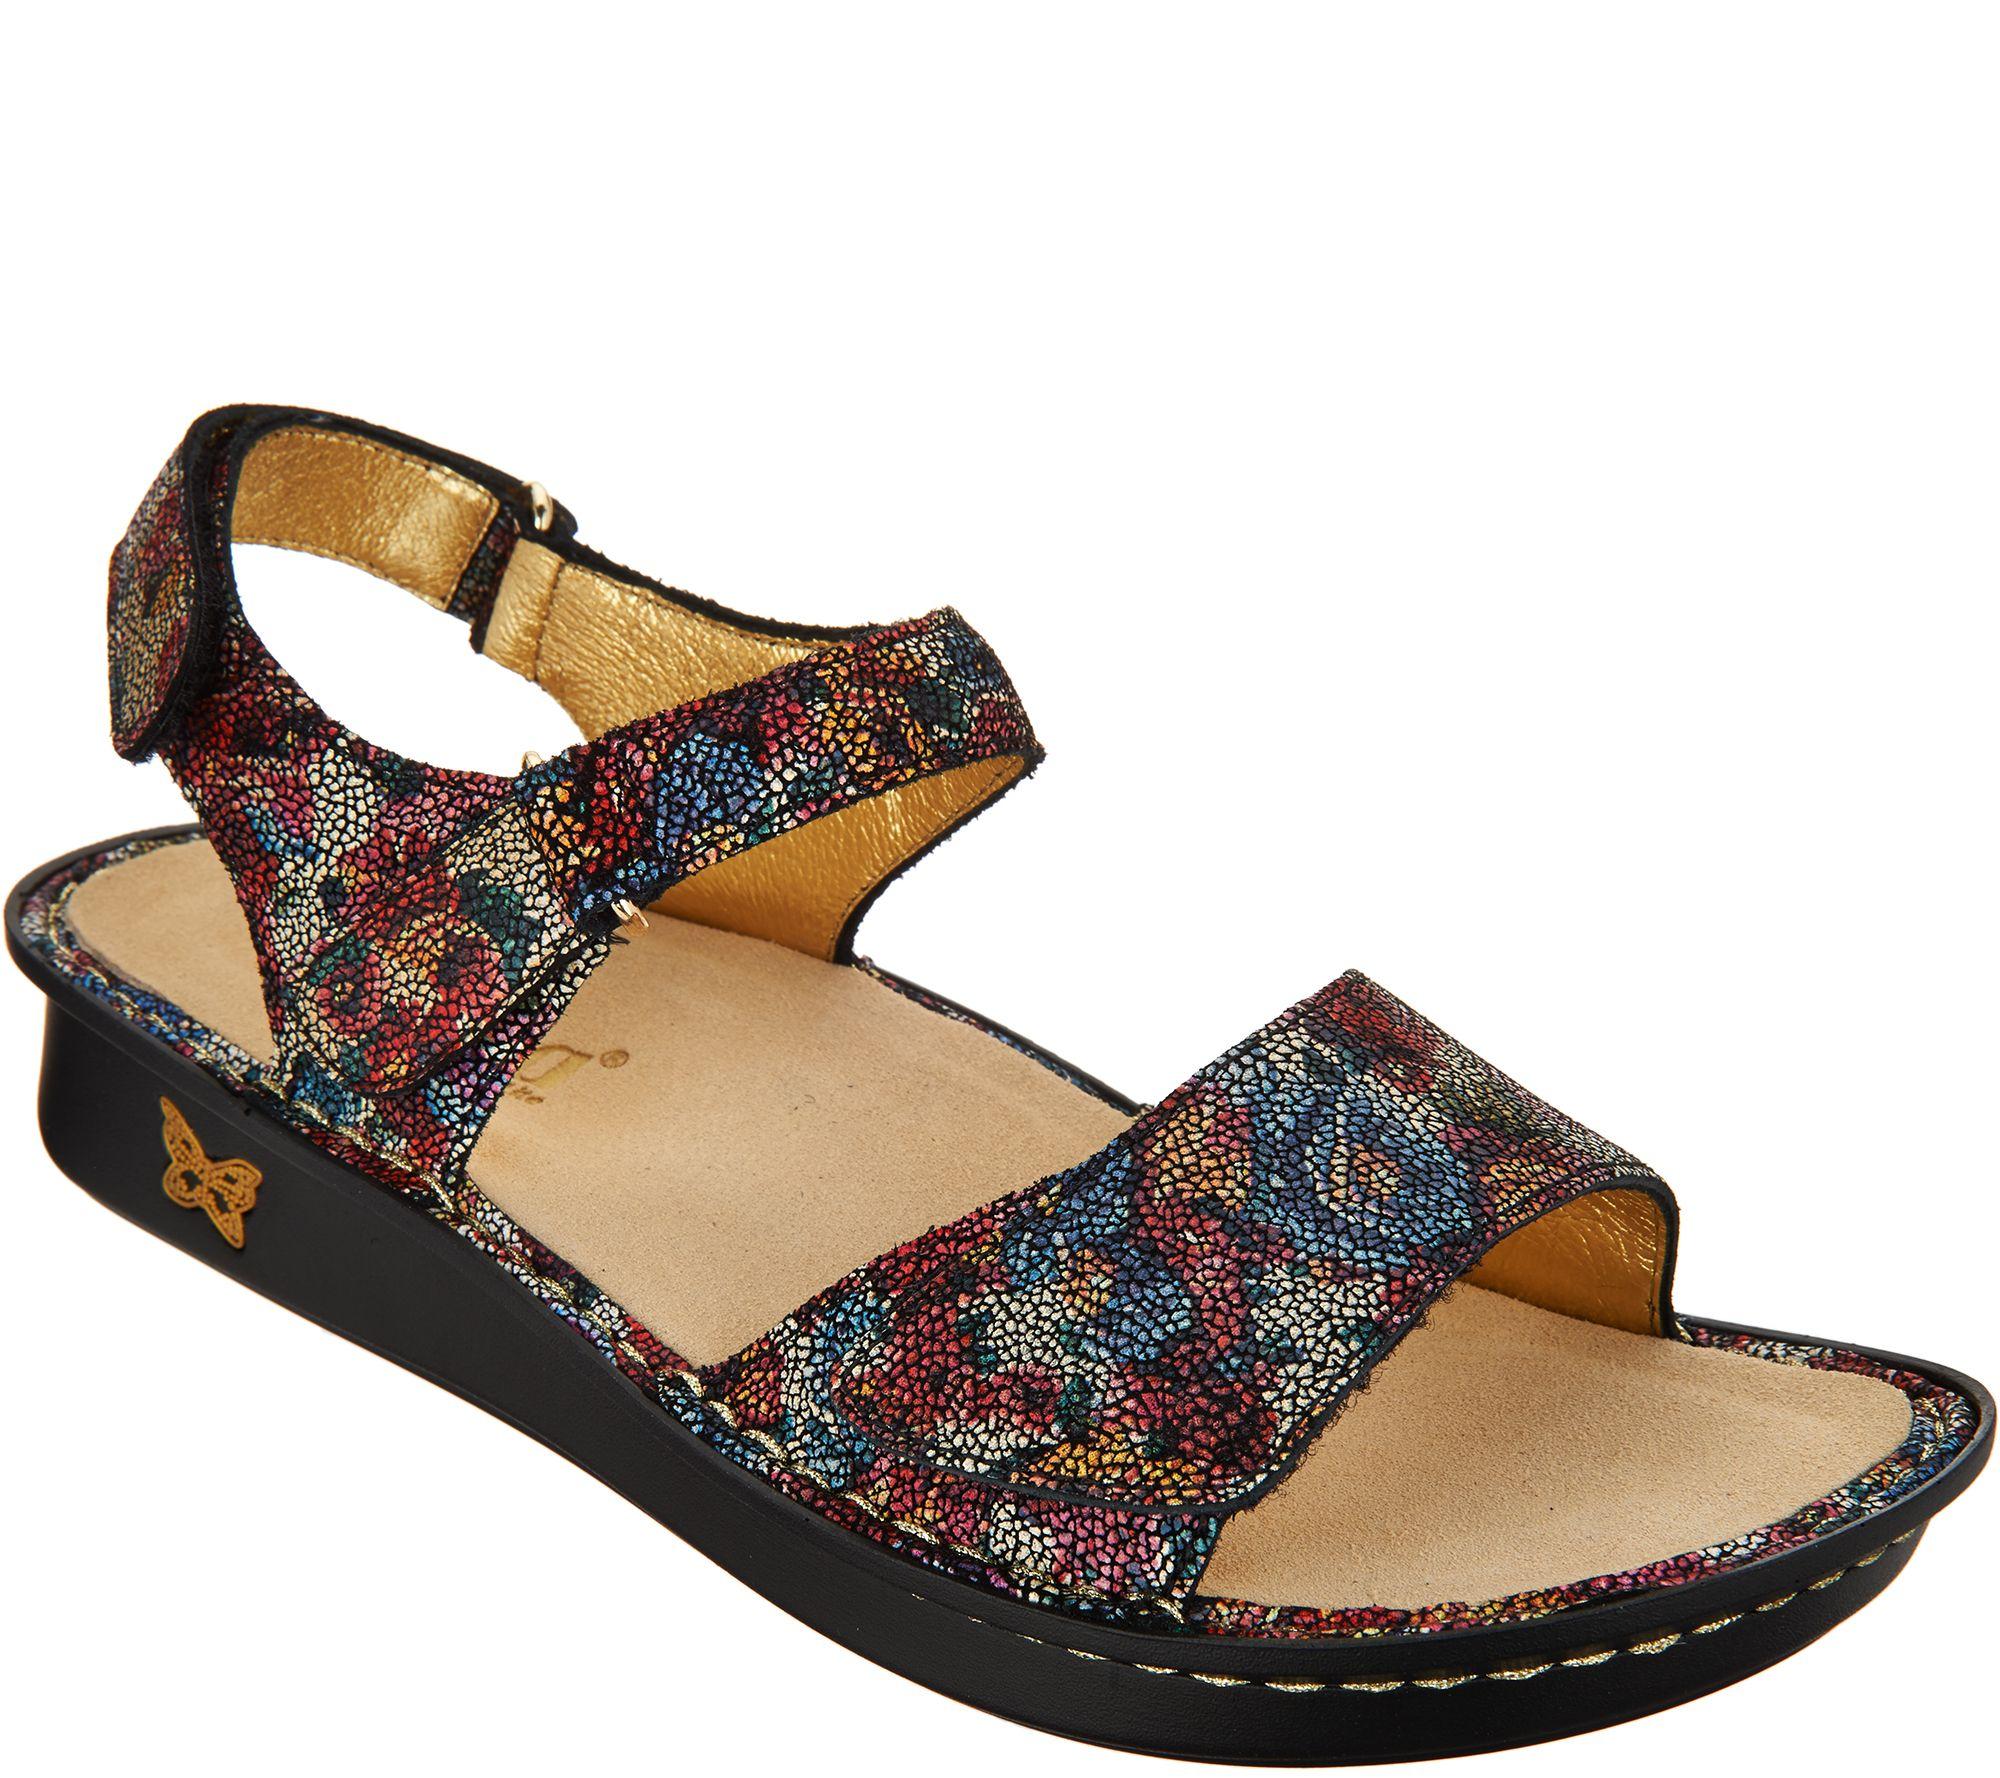 0f7a326e9e1 Alegria Leather Adjustable Sandals - Patti - Page 1 — QVC.com